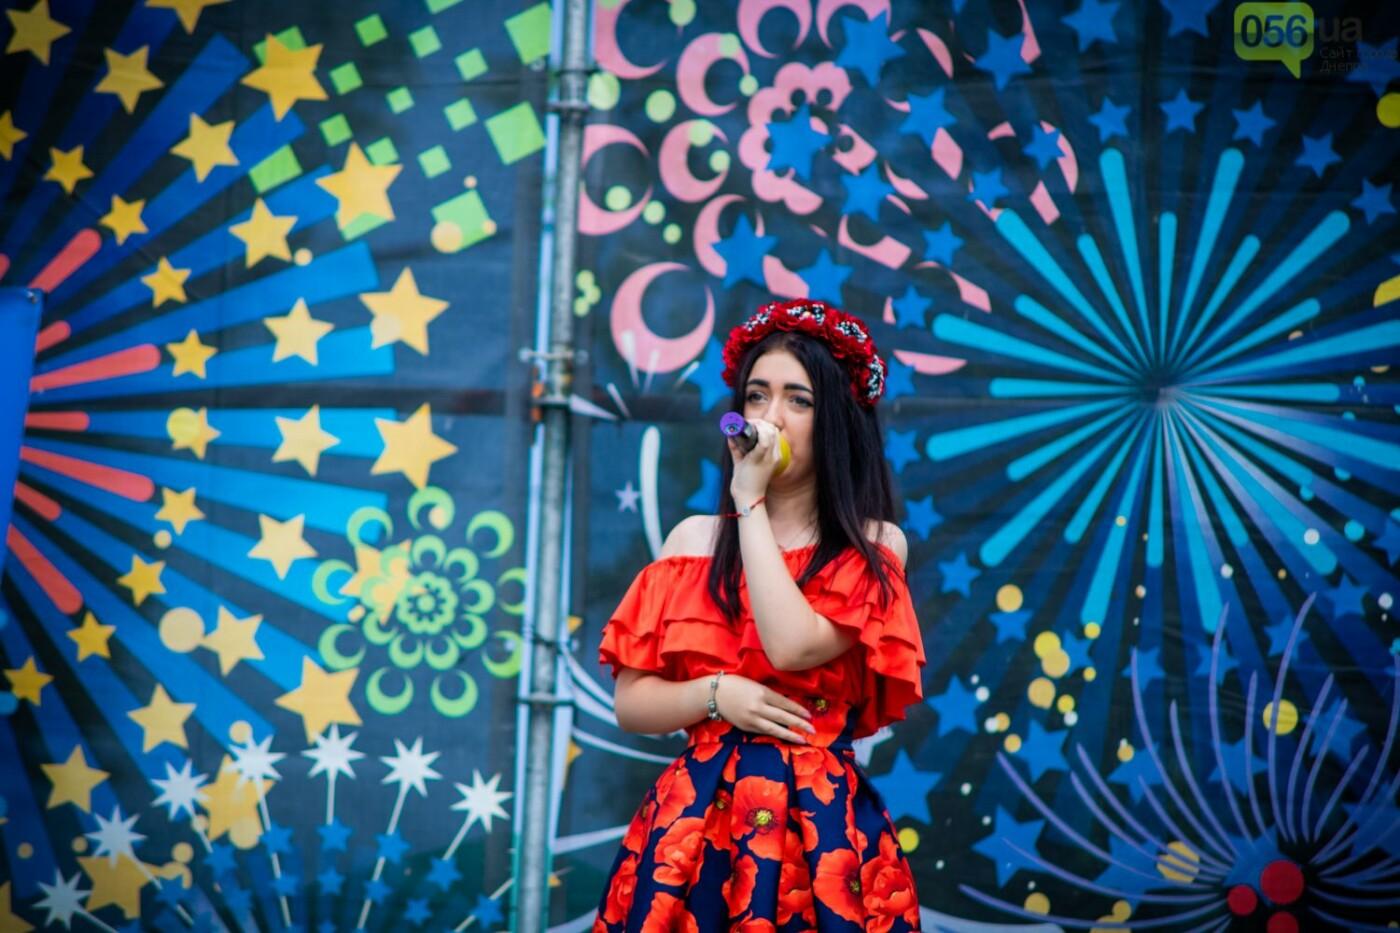 В Днепре устроили красочный флешмоб ко Дню Конституции, - ФОТОРЕПОРТАЖ, фото-2